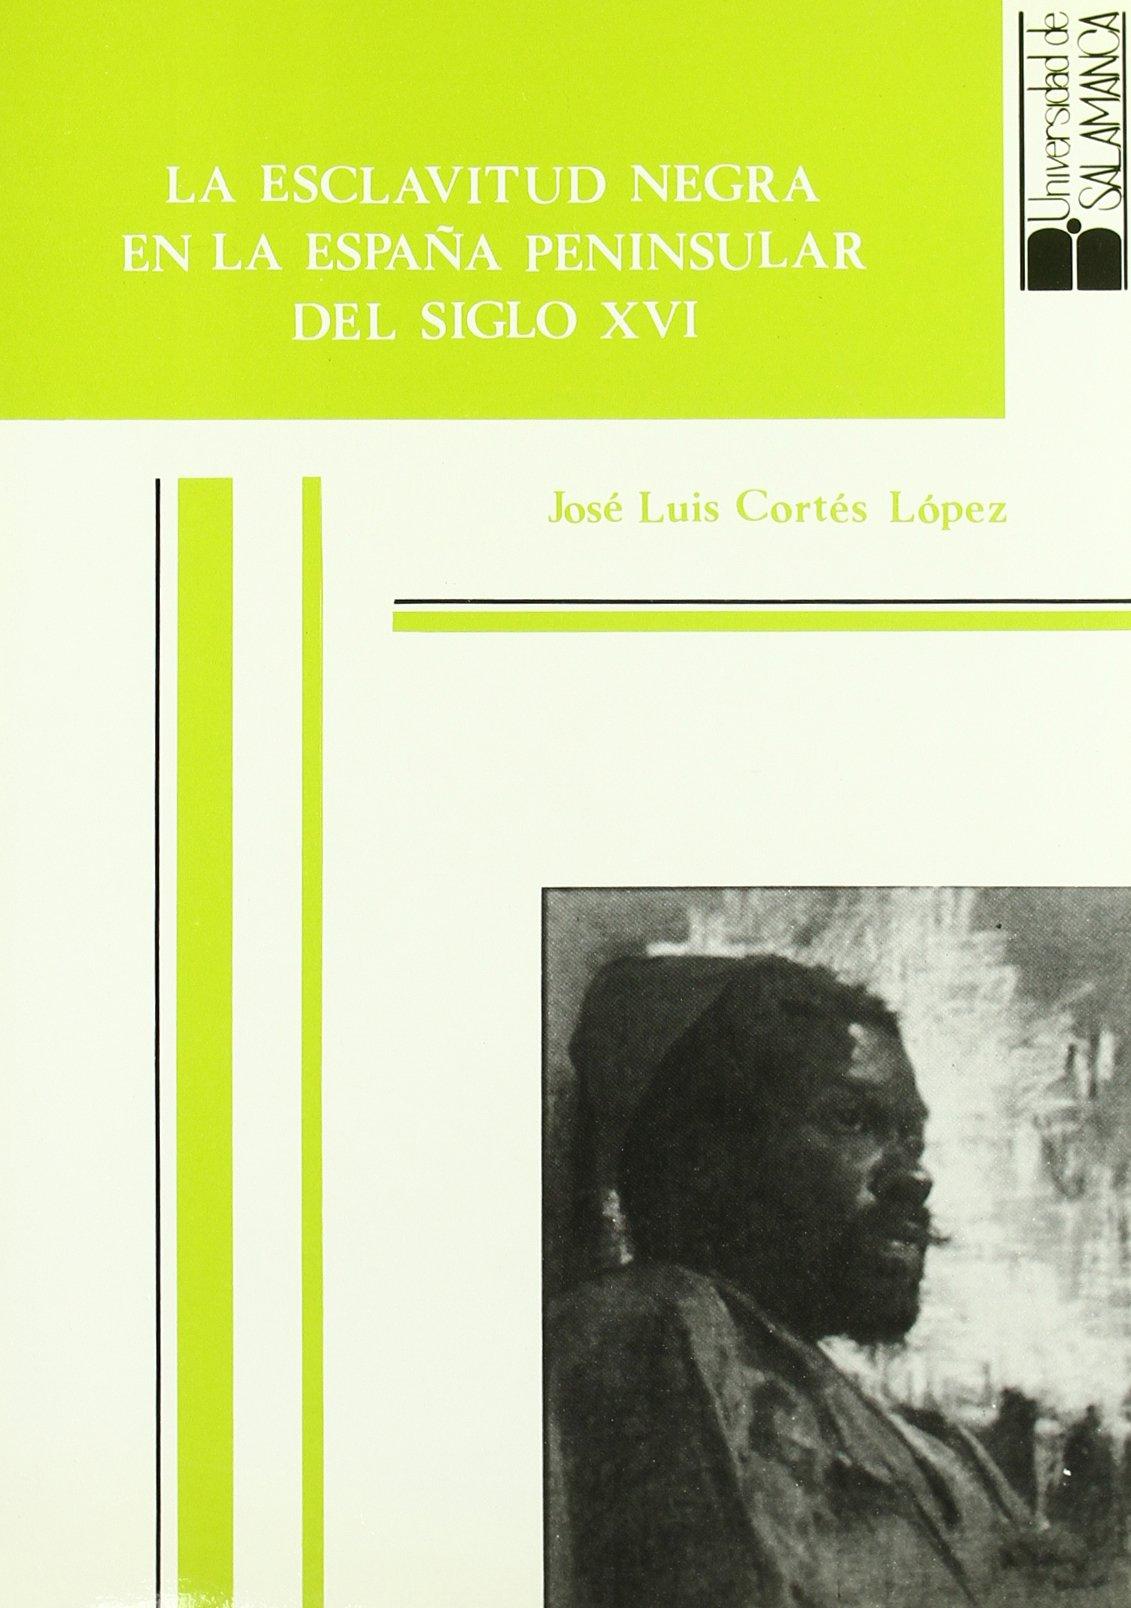 La esclavitud negra en la España peninsular del siglo XVI Estudios históricos y geográficos: Amazon.es: Cortés López, José Luis: Libros